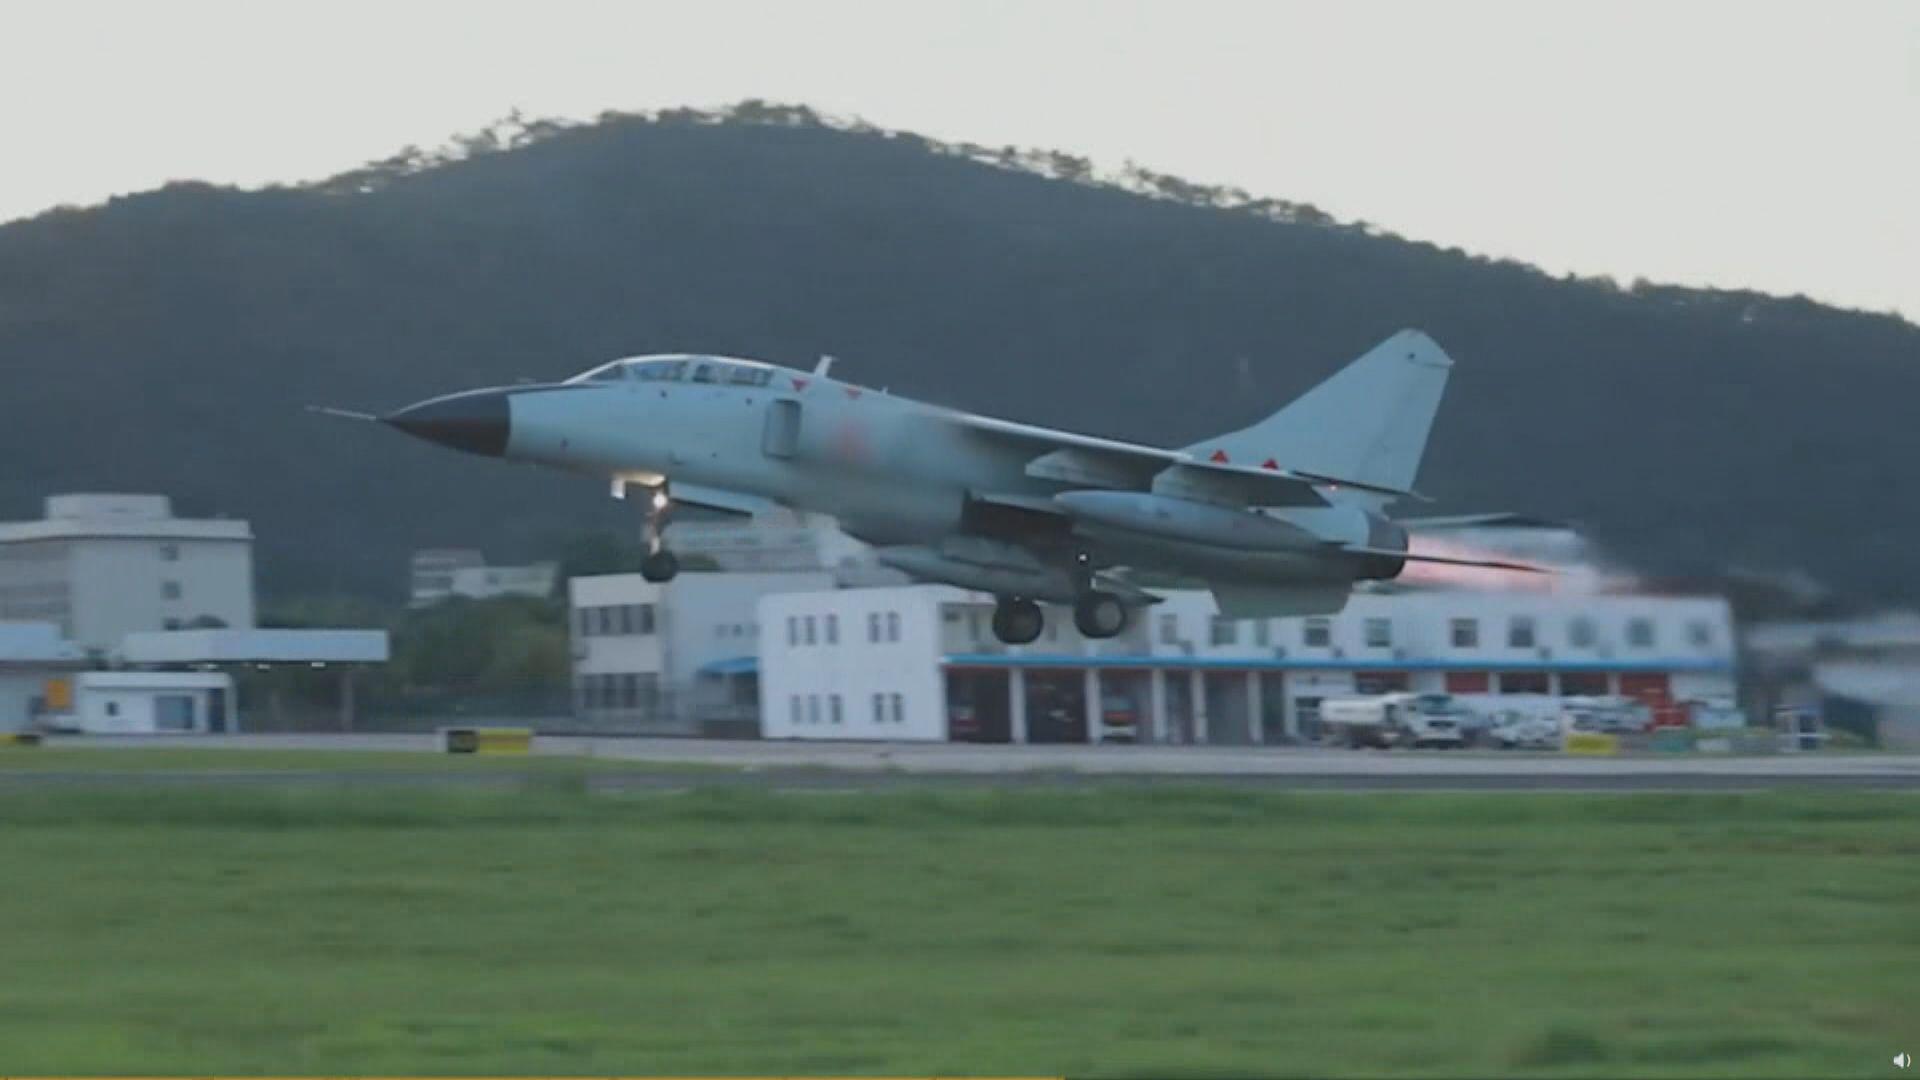 英外交部官員指解放軍軍機近日活動無助區域和平穩定